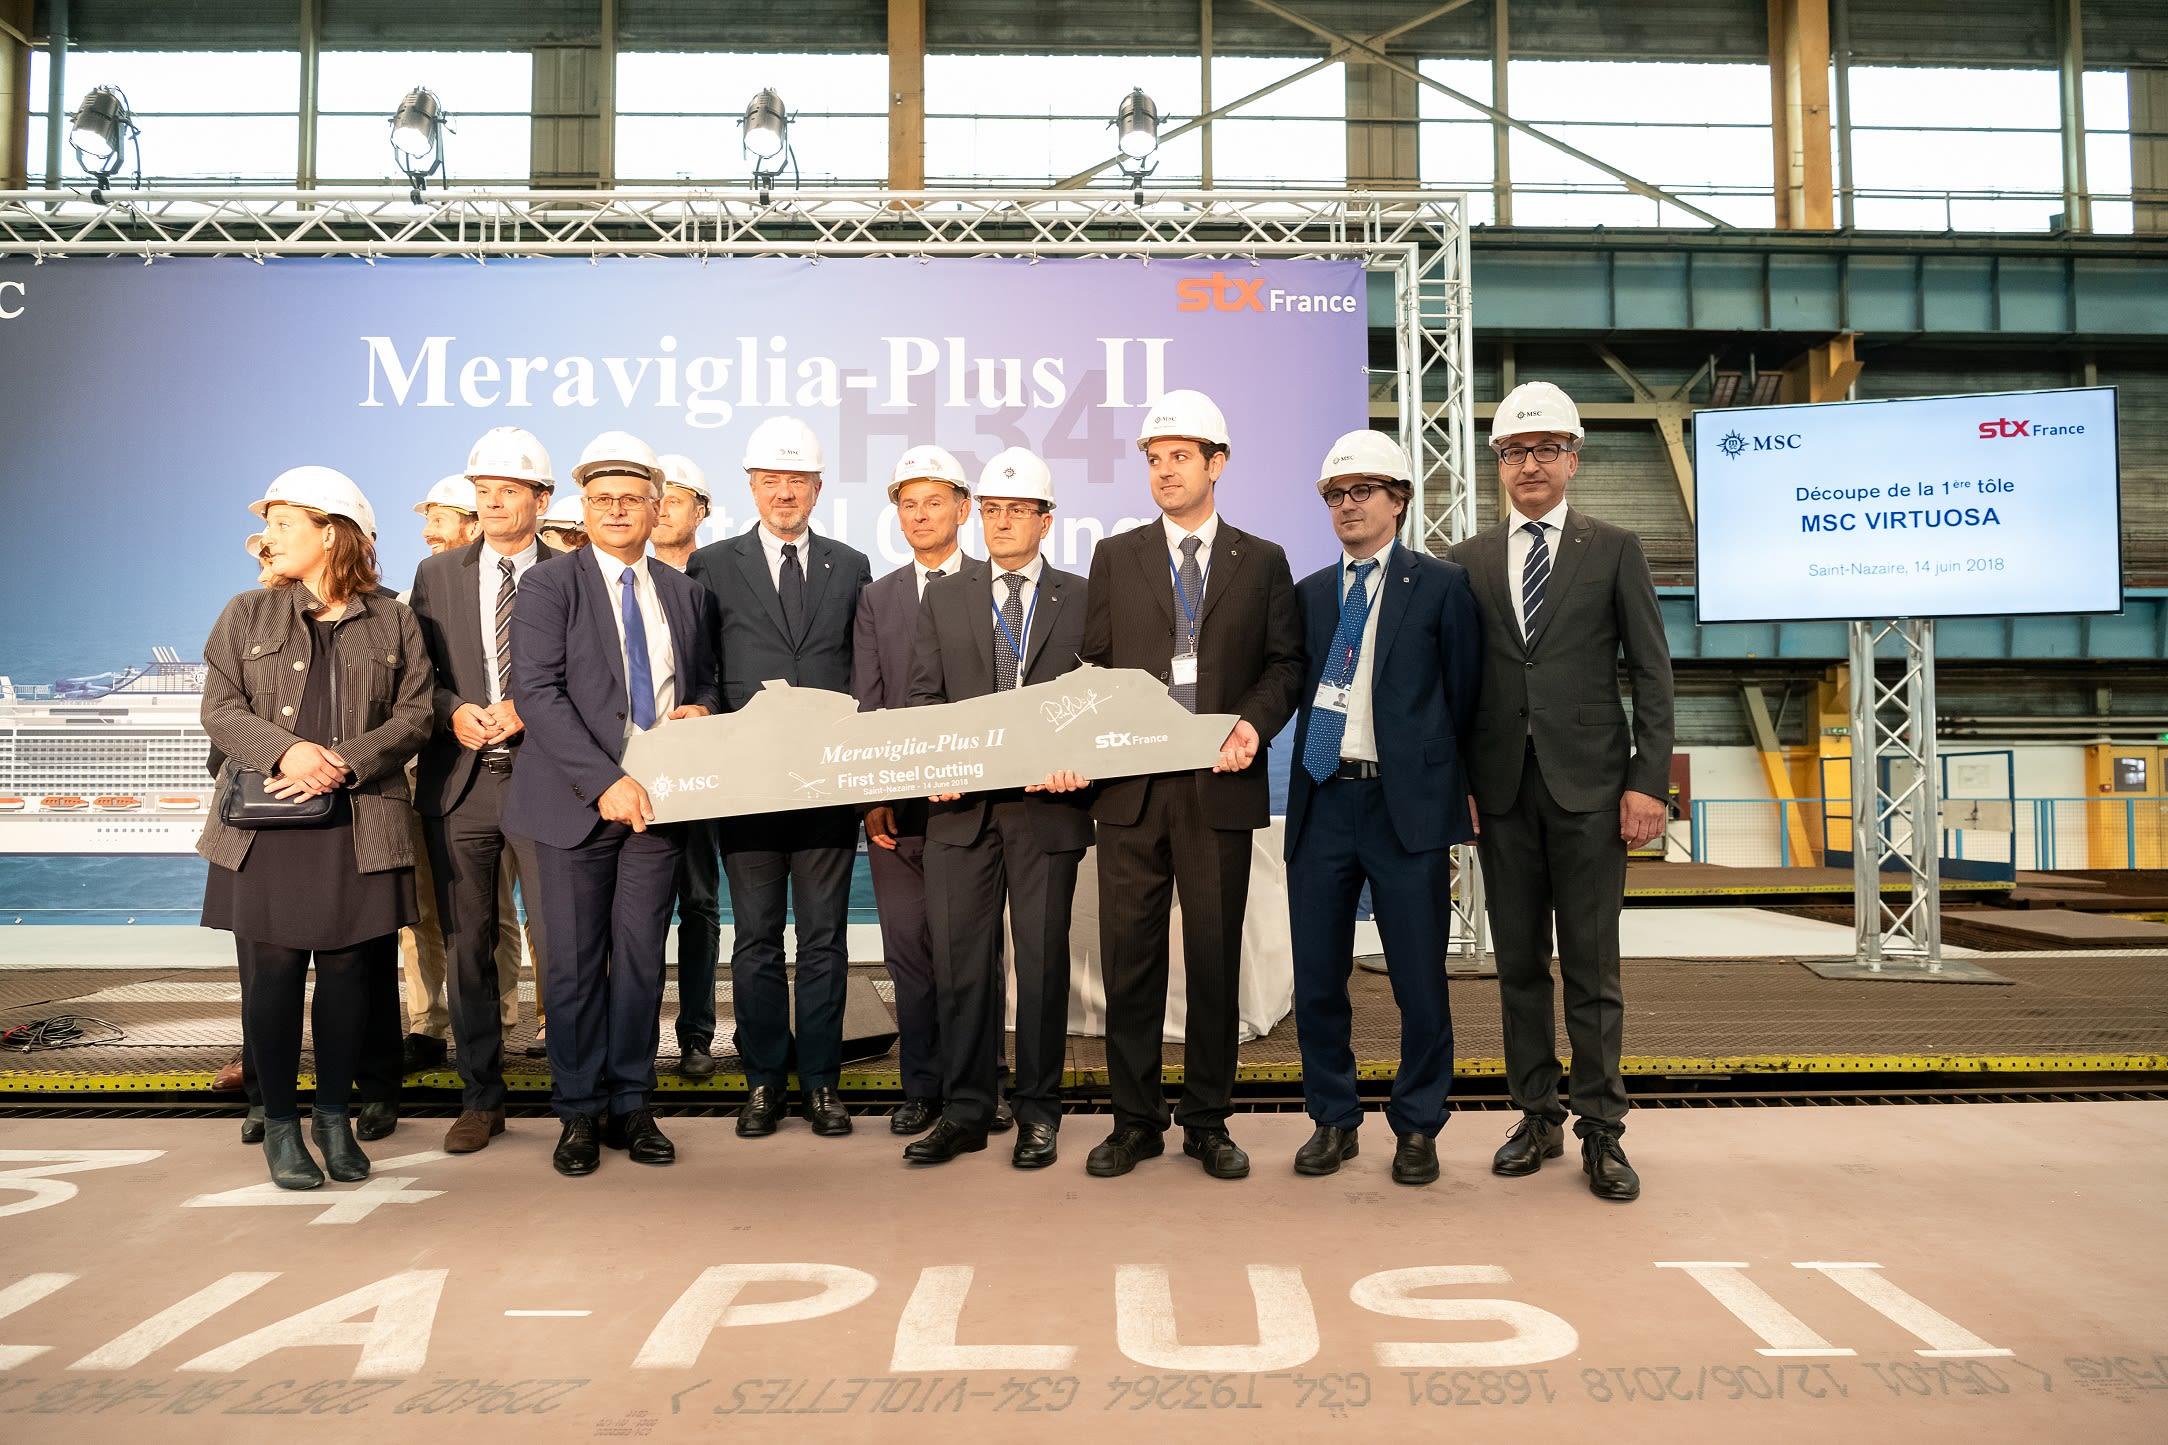 MSCクルーズ、5隻目のメラビリア世代客船を発注